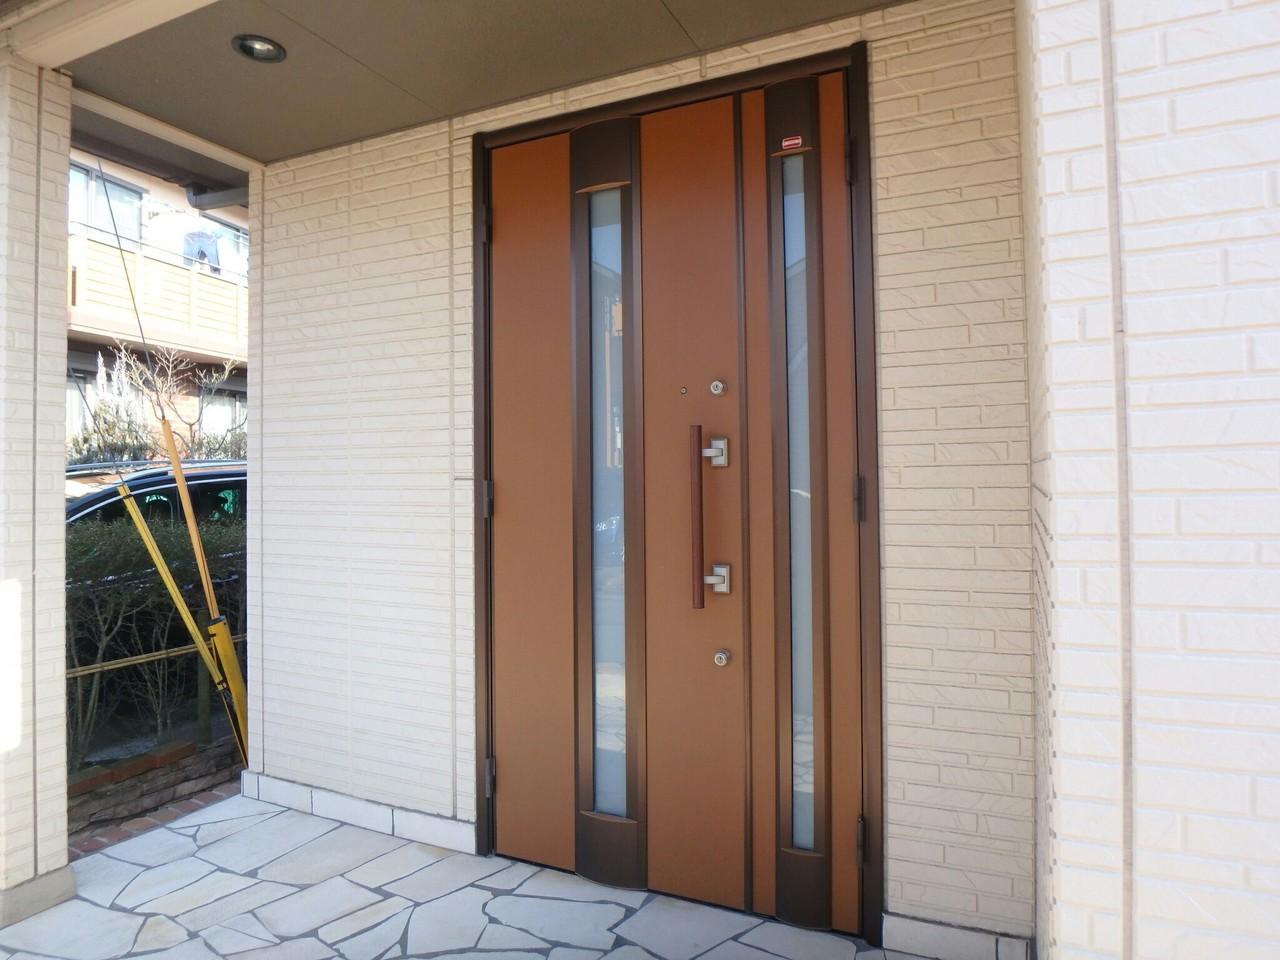 天井のついたエントランスは雨の日でも安心ですね♪ ダブルロックドアもついていて防犯面にも配慮されています。(2018年1月23日撮影)